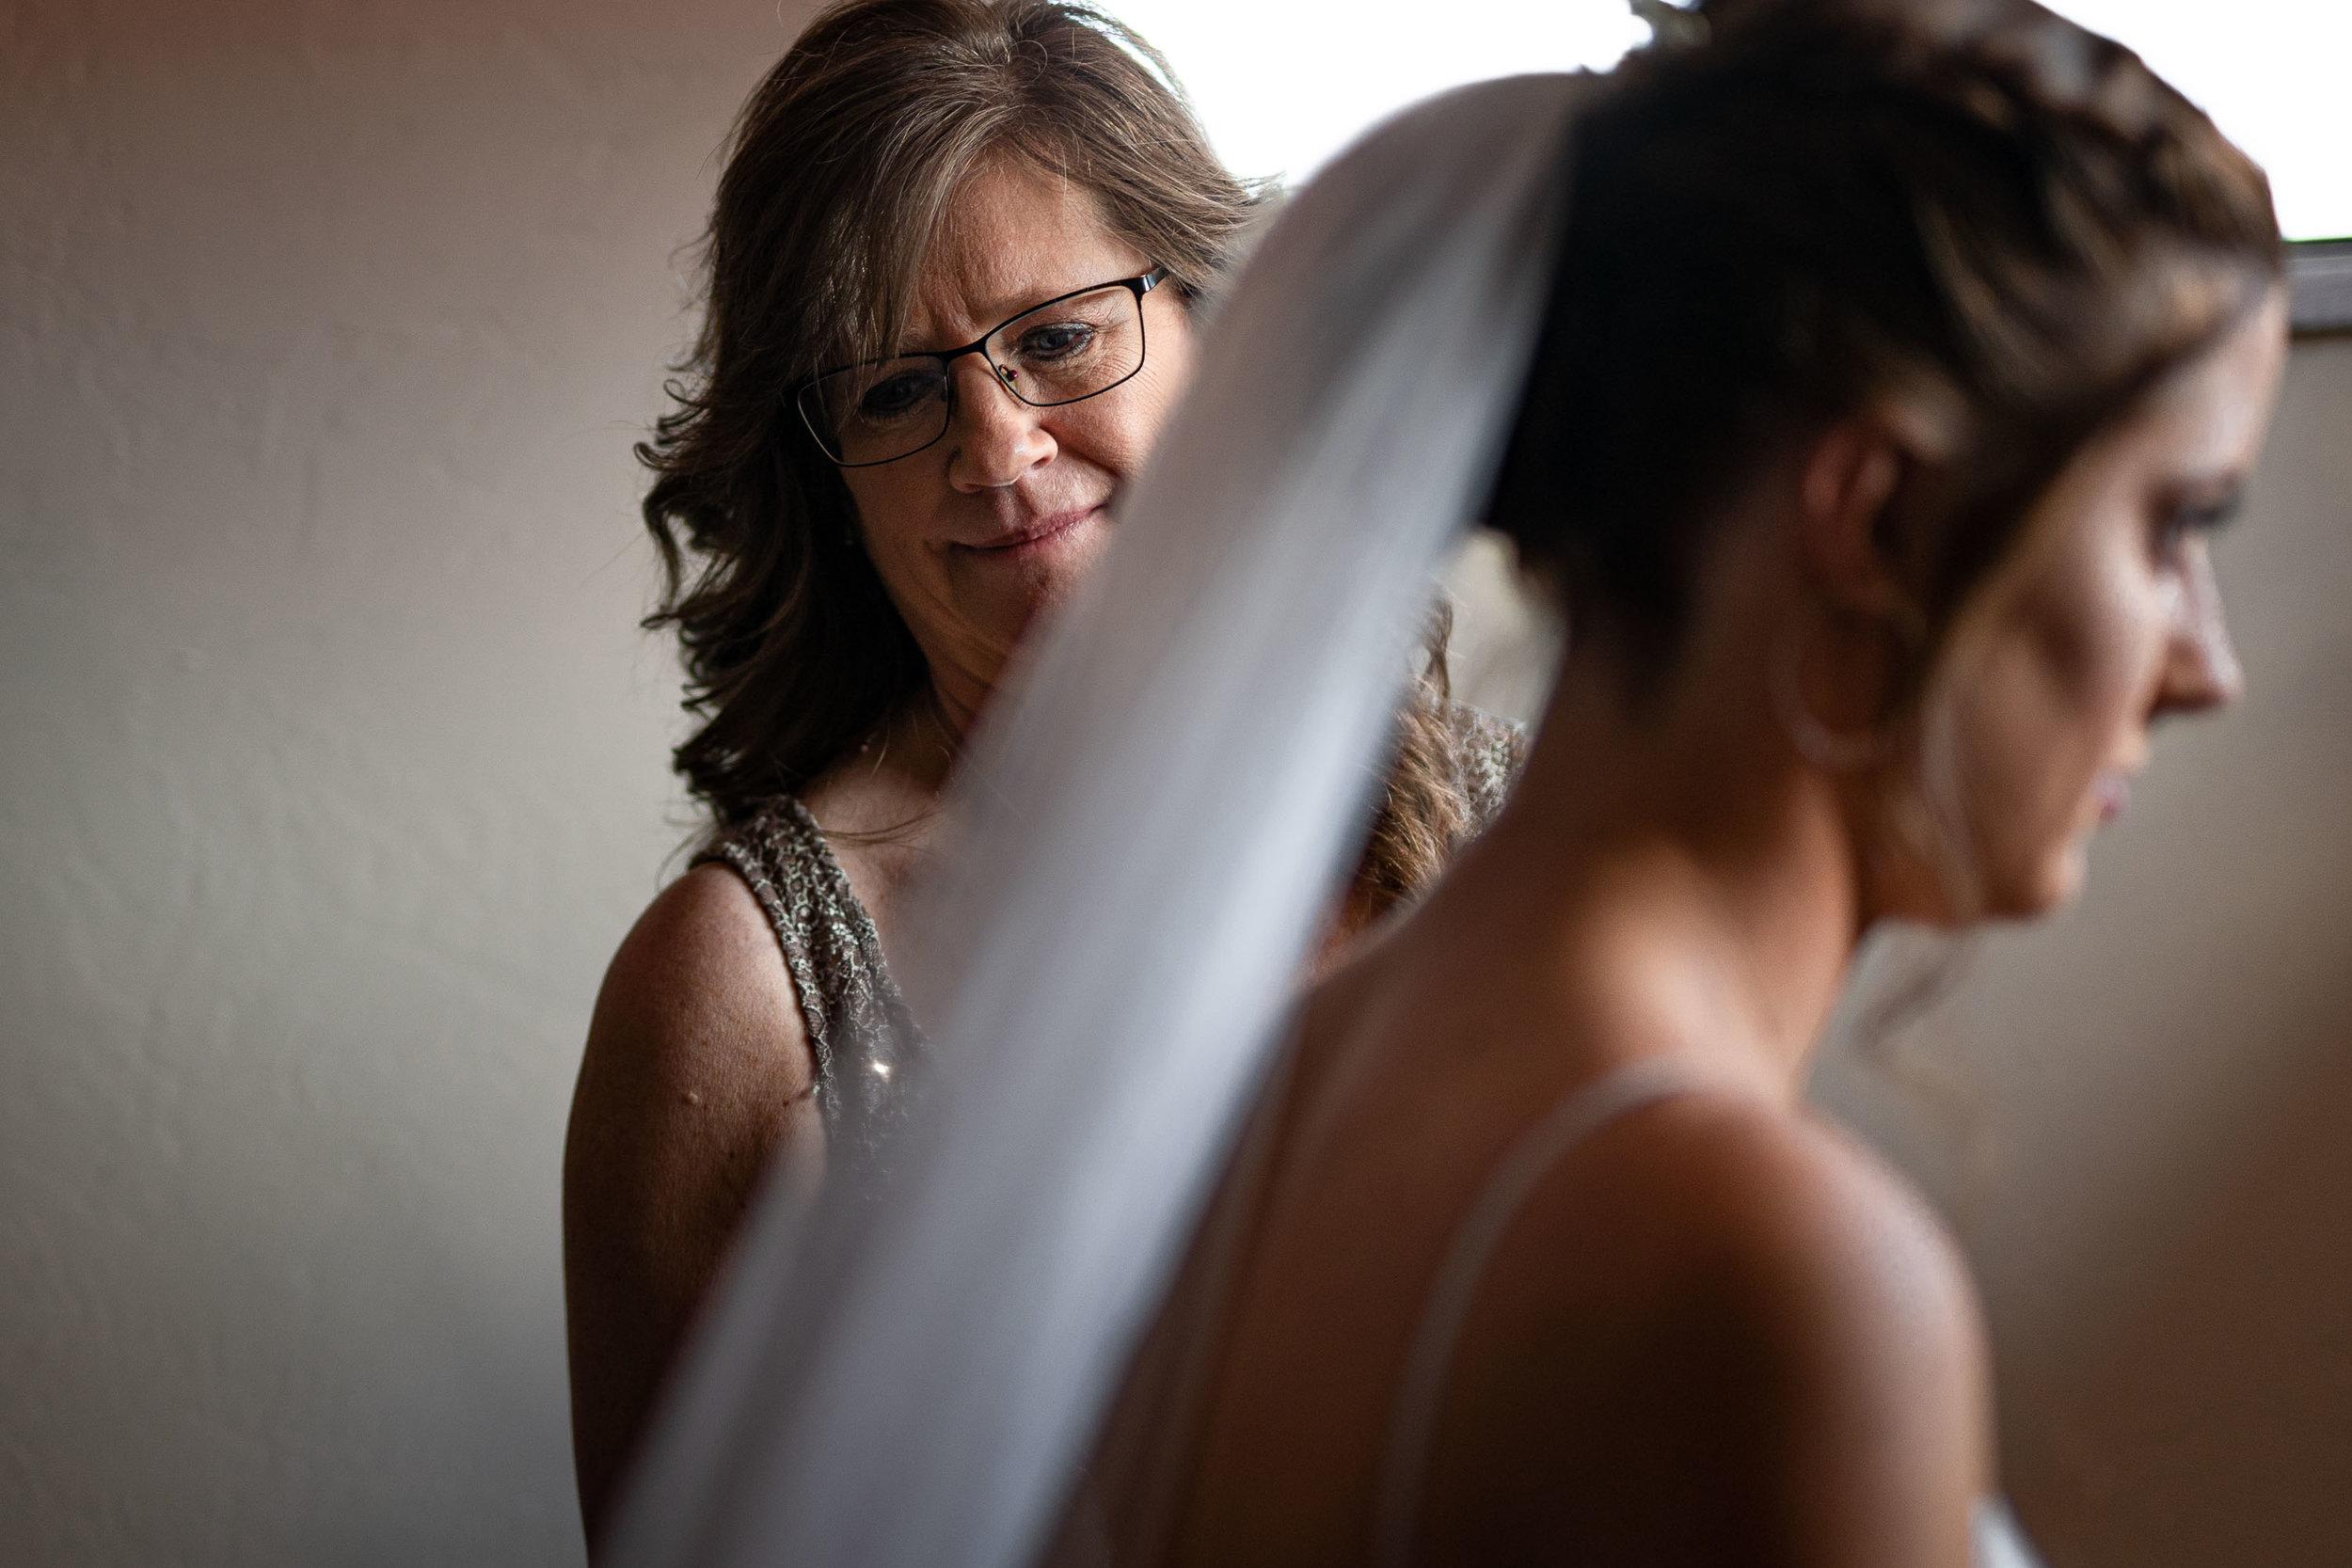 Kelsie_Nick_Ouray_Wedding-57.jpg